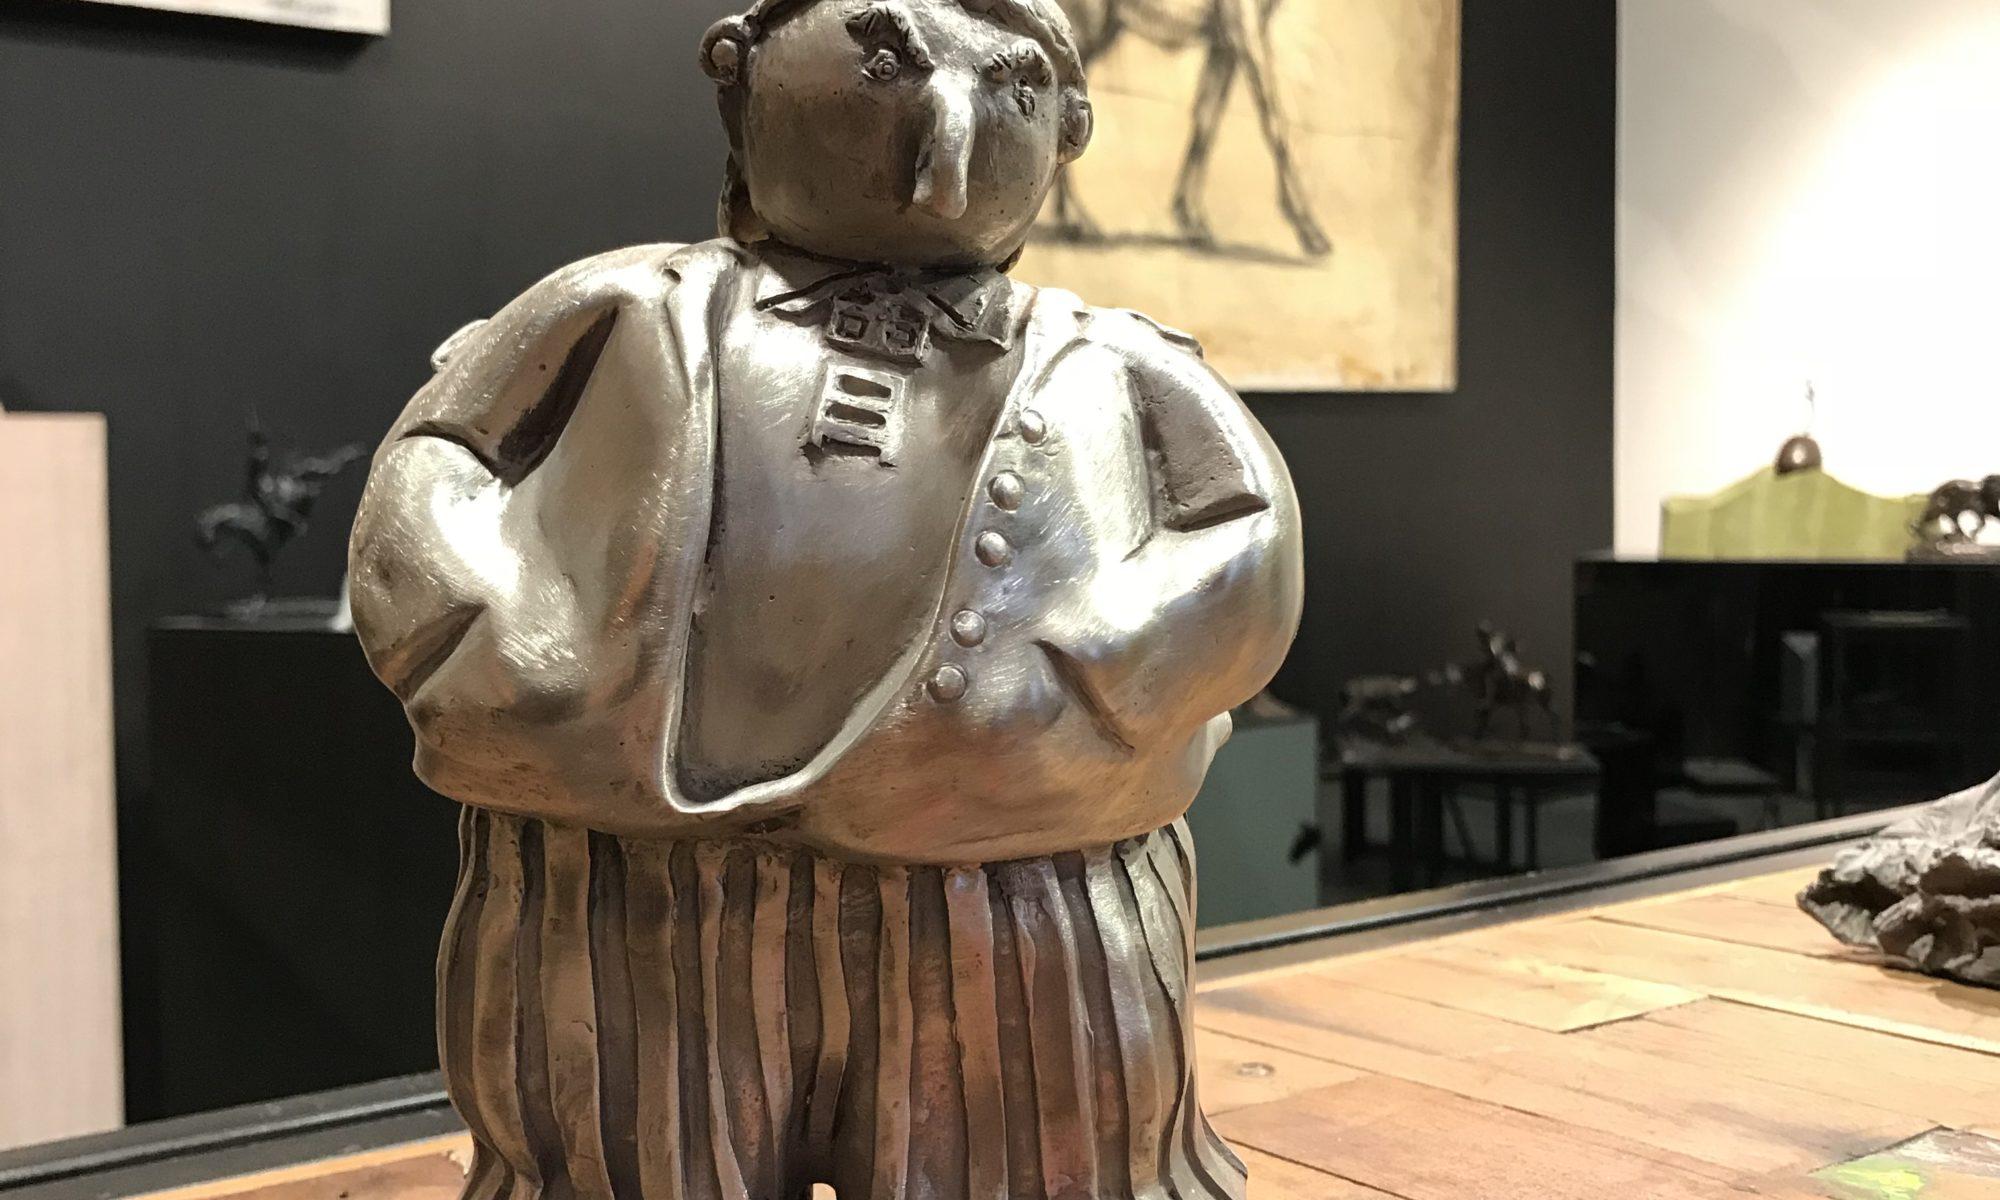 Nouveau Bronze Big Leon, très beau New bronze Leon, very beautiful